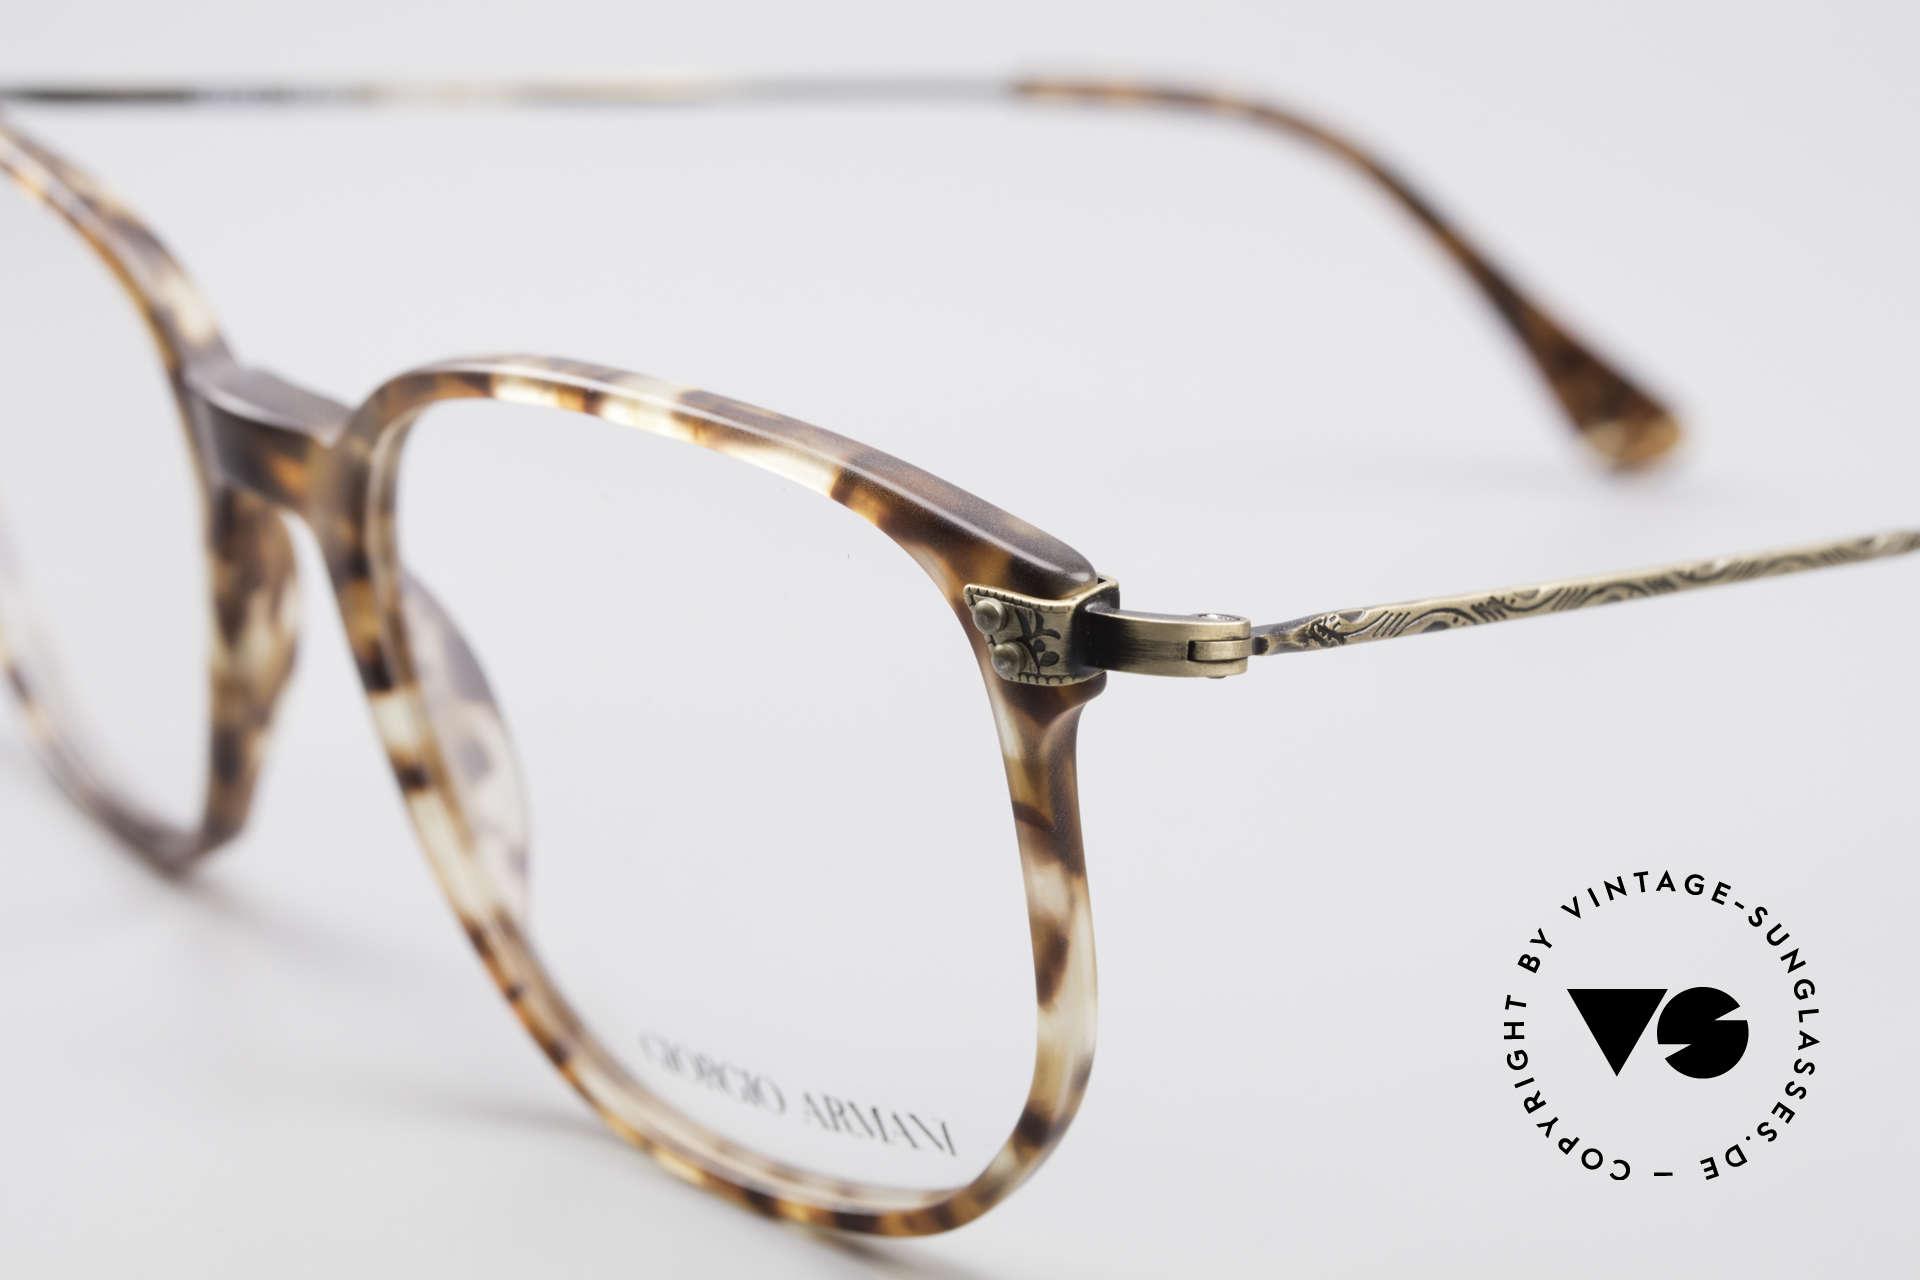 Giorgio Armani 335 Echte Vintage Unisex Brille, die Fassung kann natürlich beliebig verglast werden, Passend für Herren und Damen